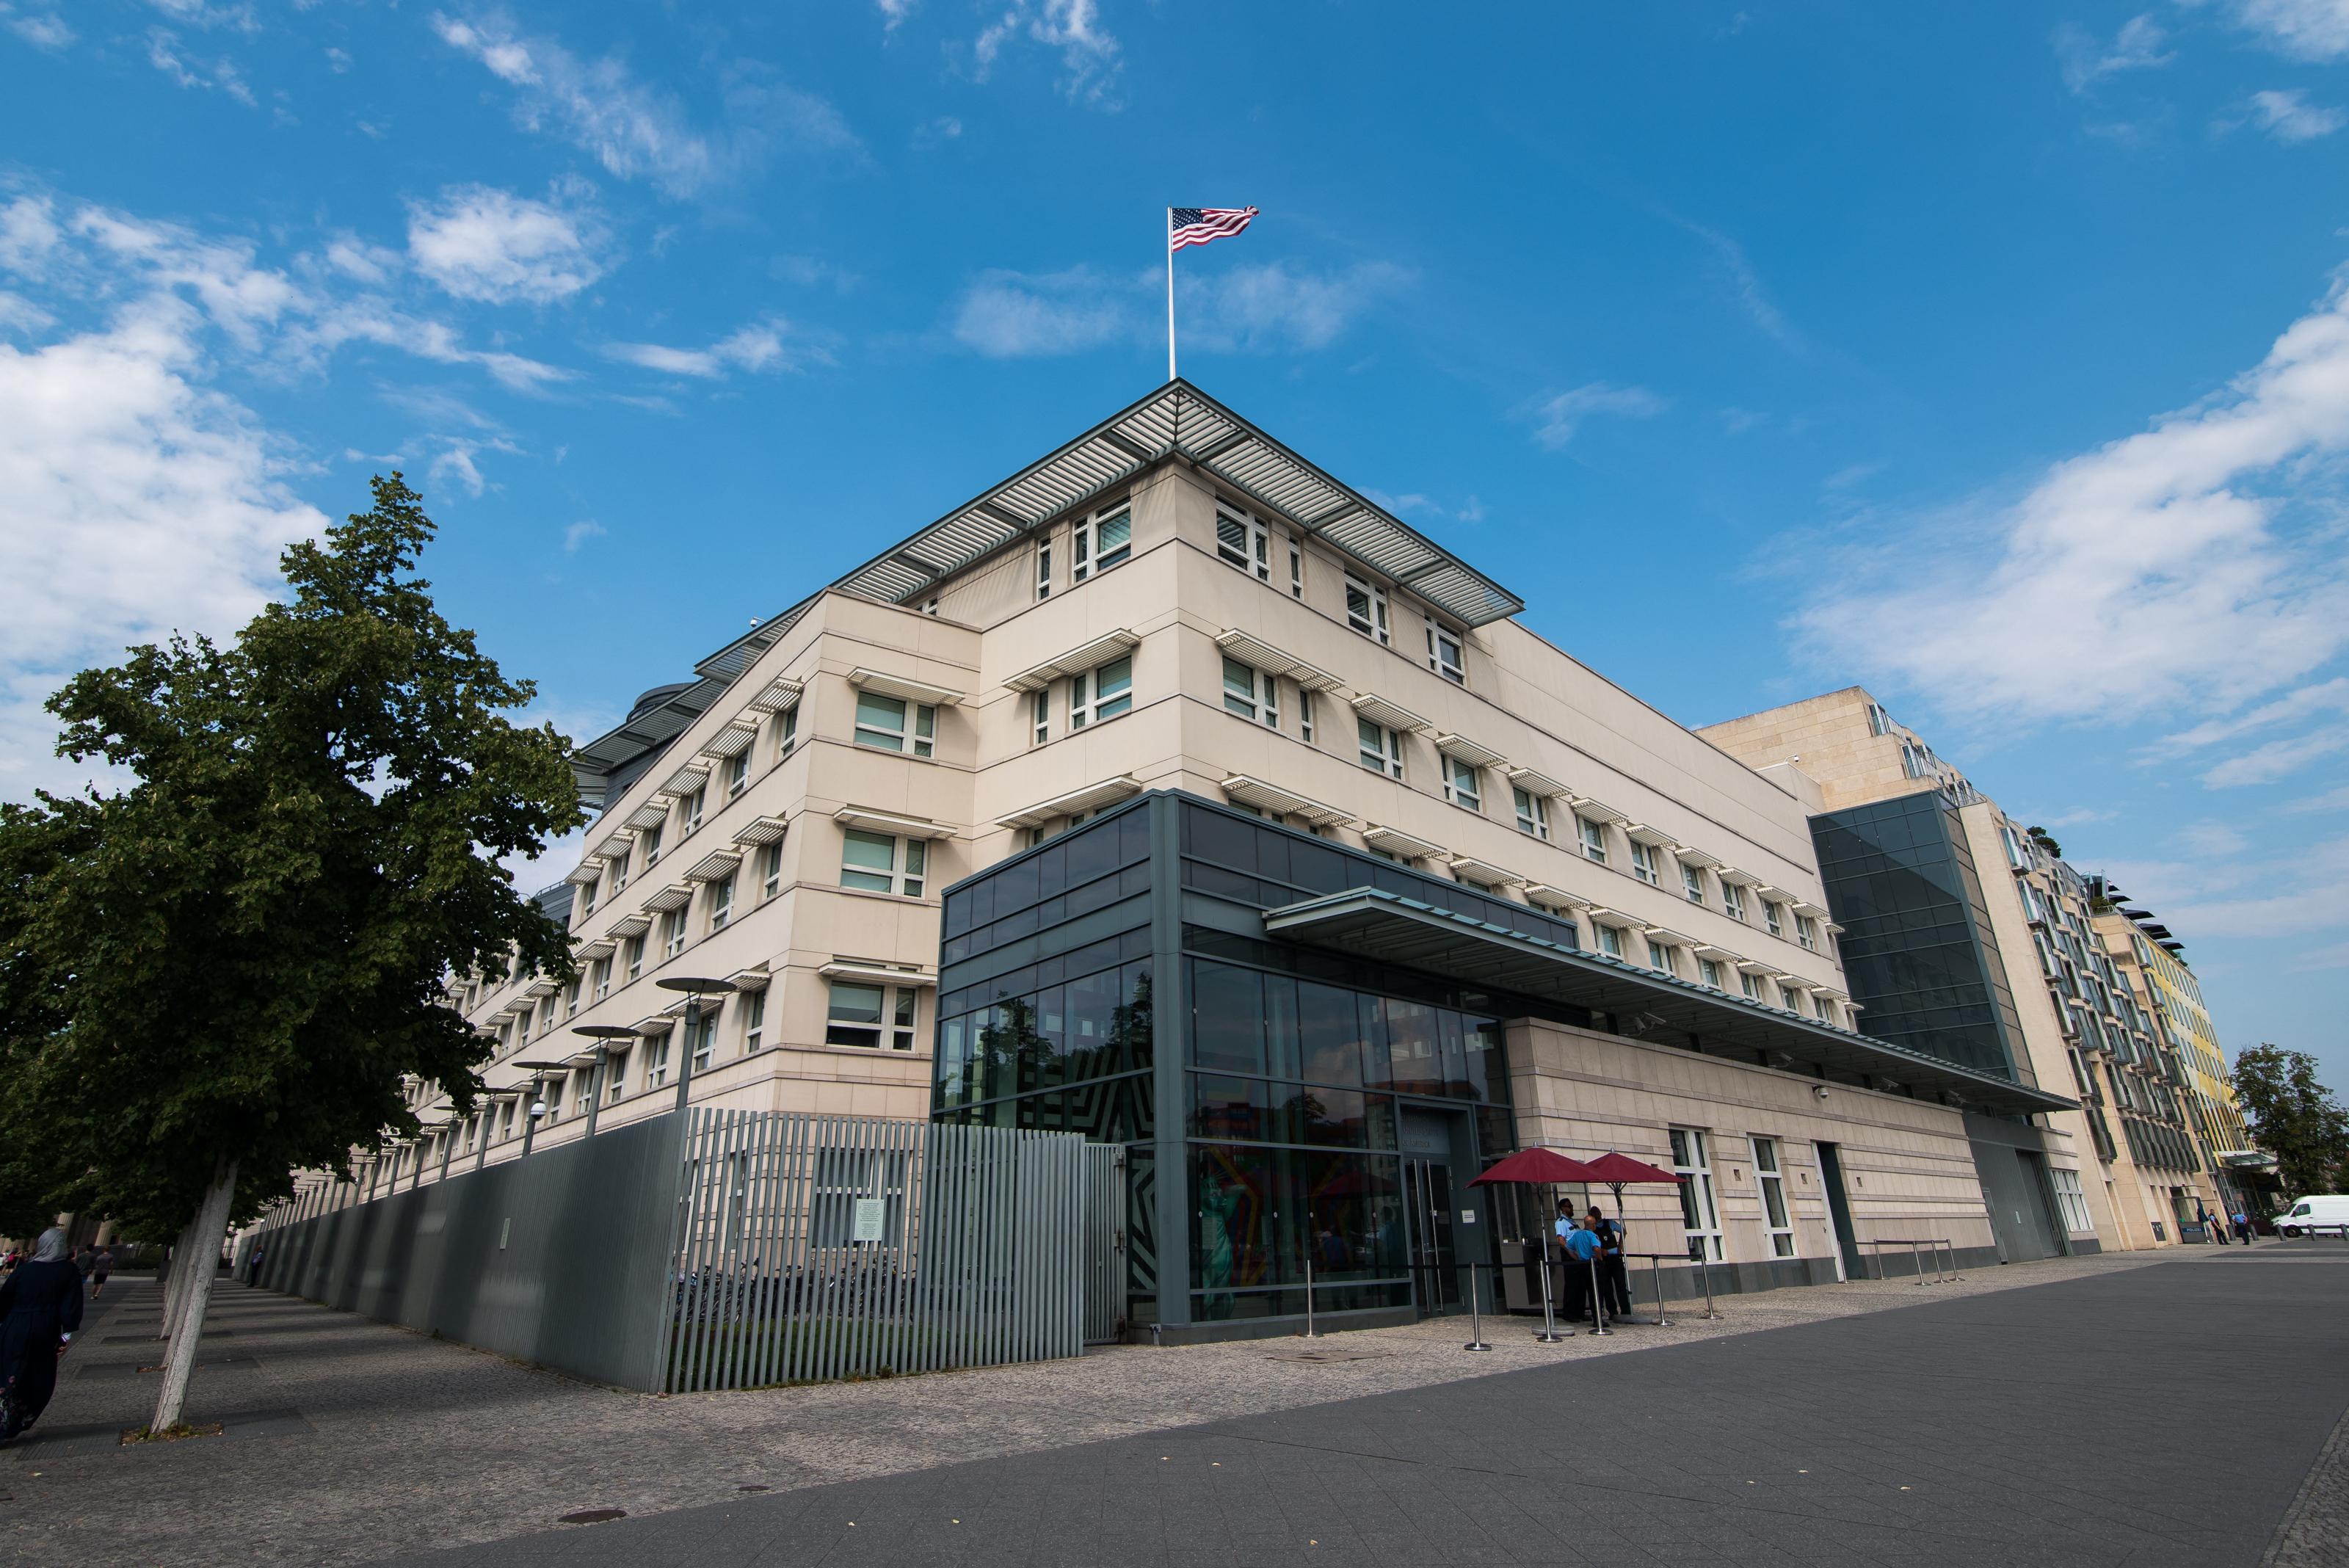 Bécs után az USA berlini nagykövetségén is észleltek rejtélyes megbetegedéseket